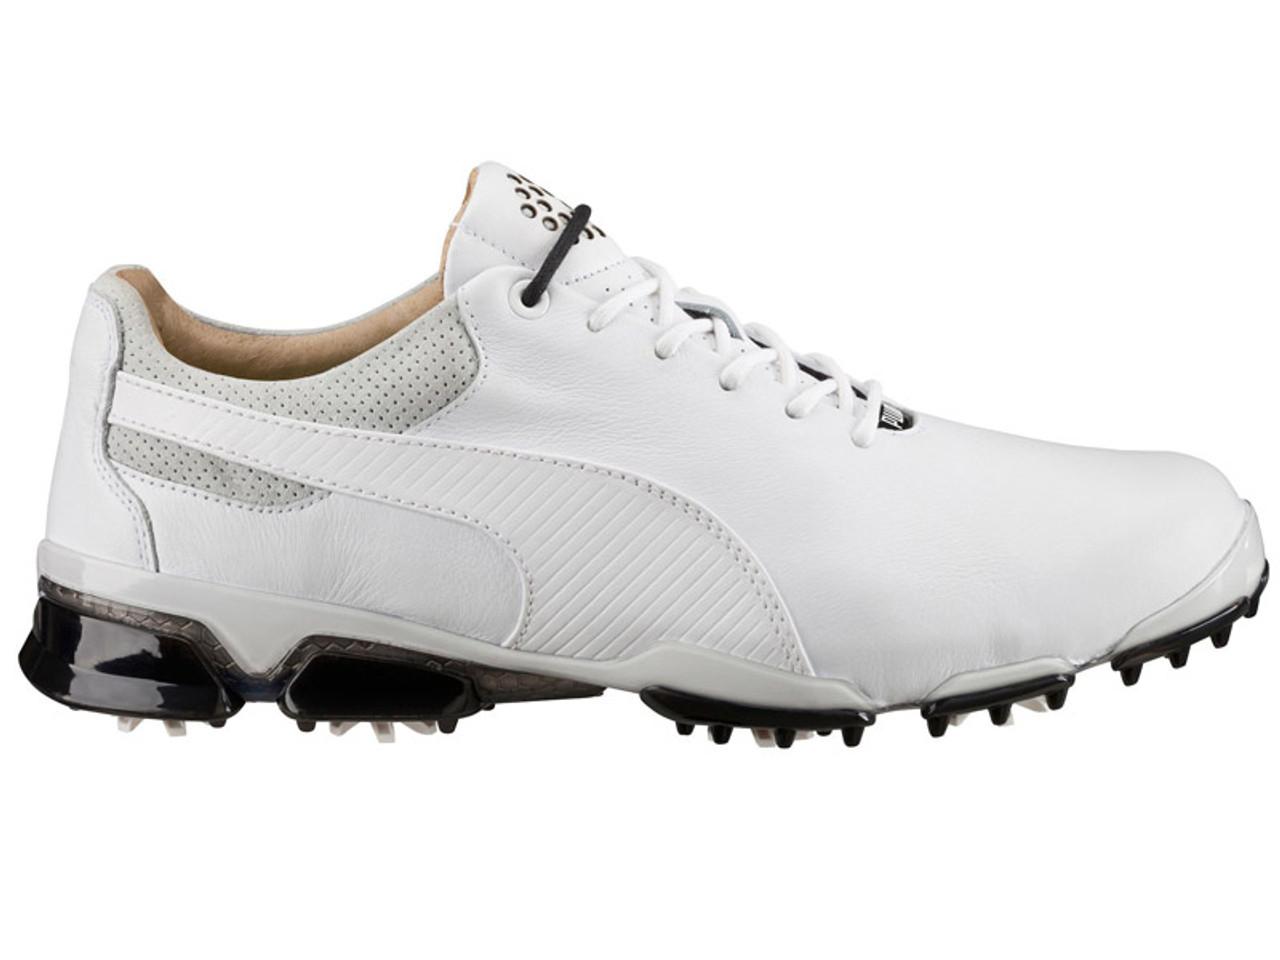 Puma Titan Tour Ignite Premium Golf Shoes White